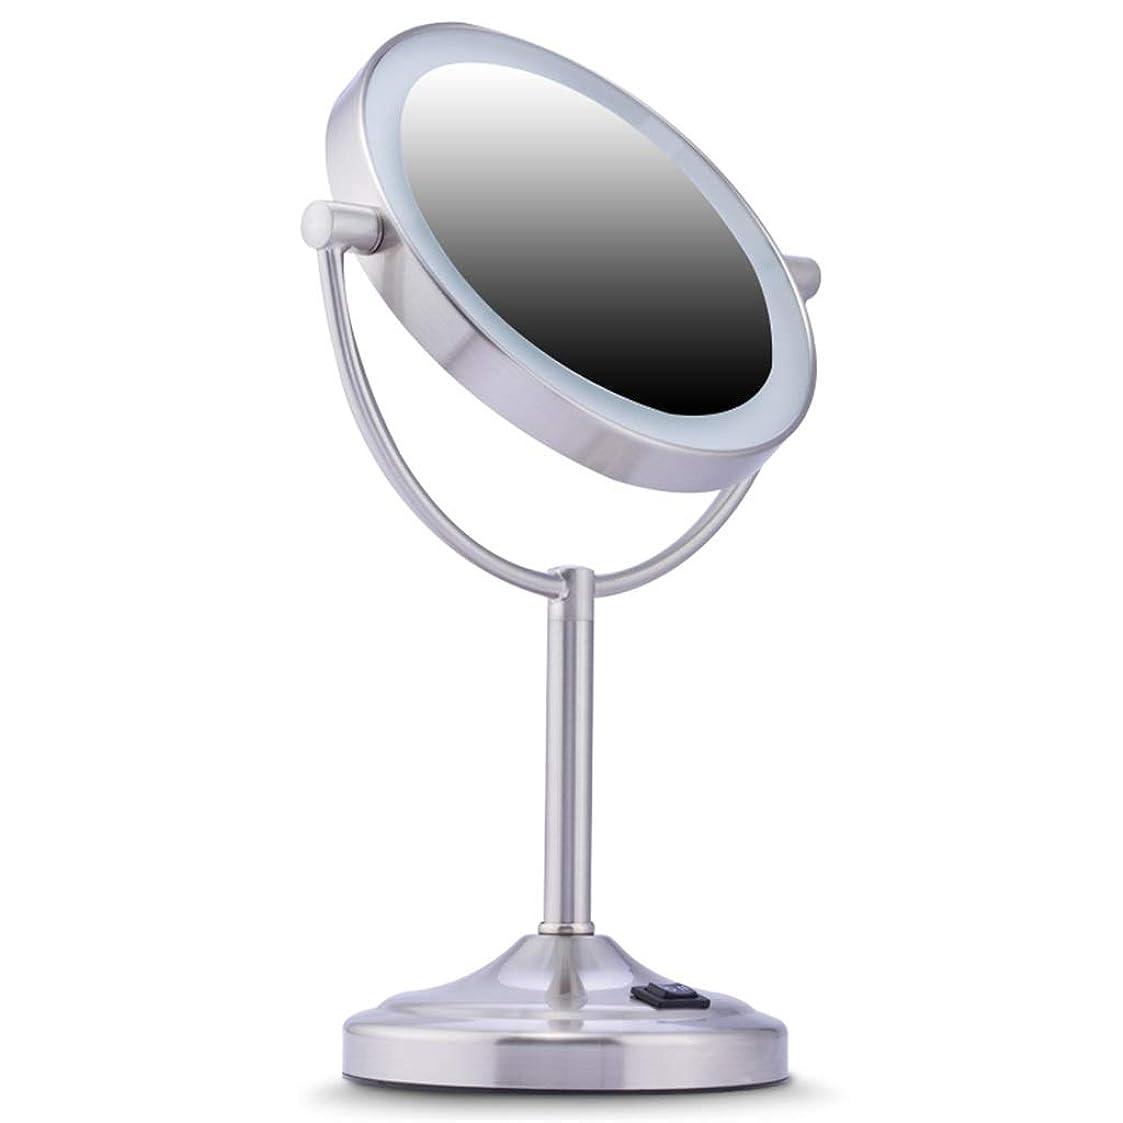 エスカレーター蒸し器ミトンメイクアップミラーLed卓上ミラーライトダブルサイドミラー+ 7x拡大鏡360°回転Hd Dimmableステンレス鋼